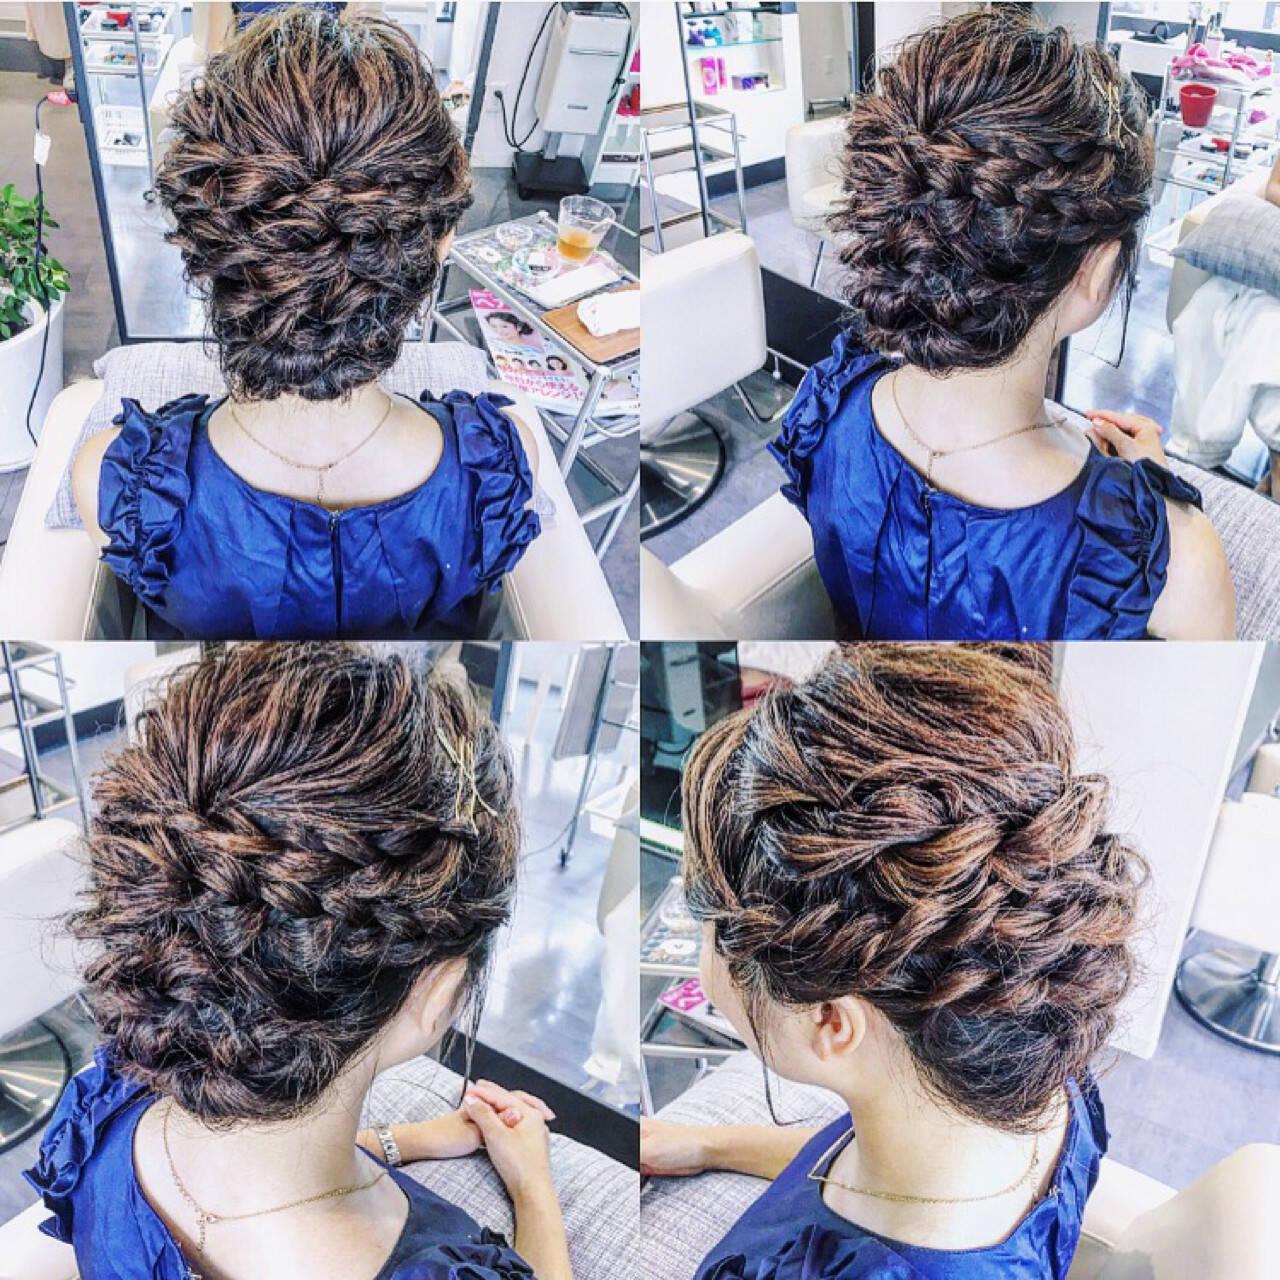 ミディアム 編み込み ヘアアレンジ 結婚式ヘアスタイルや髪型の写真・画像